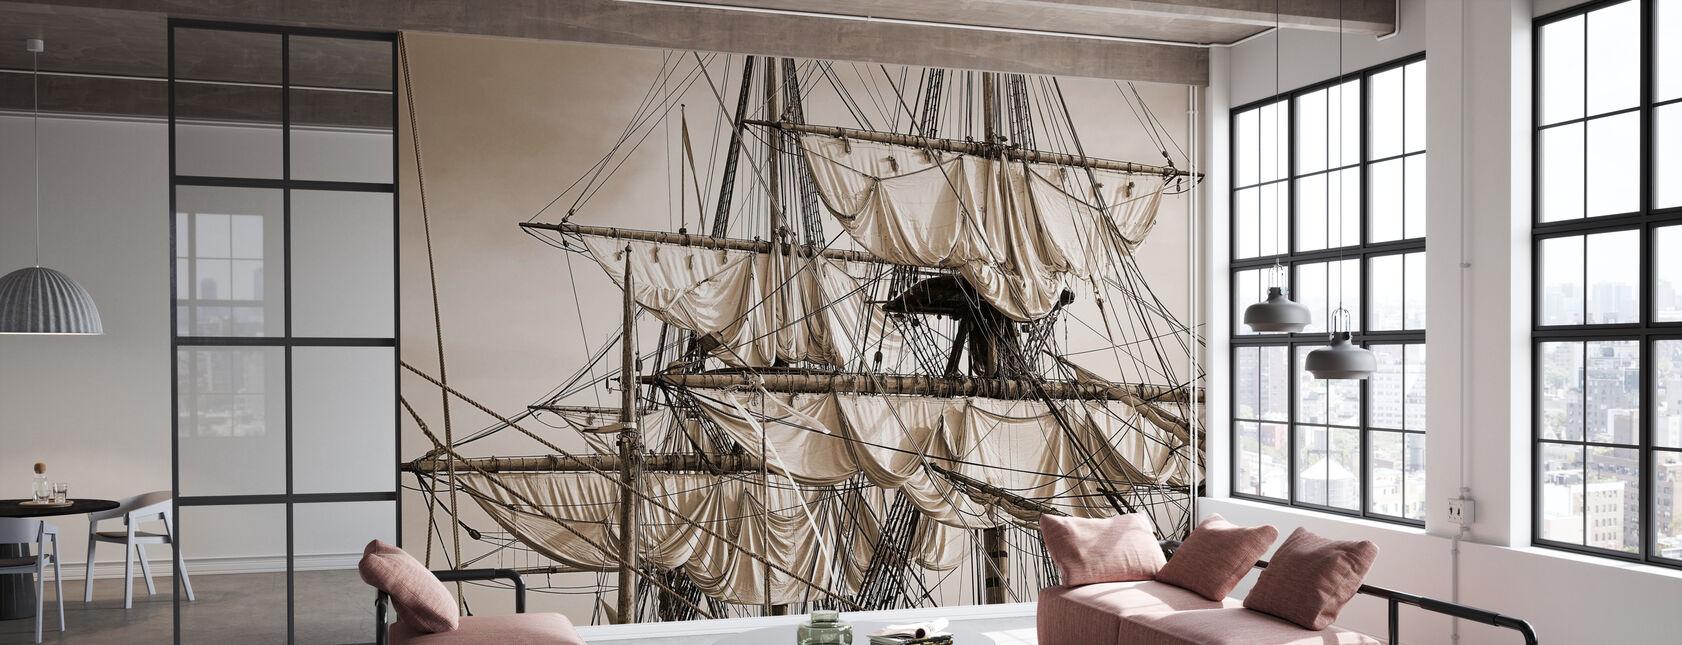 Sailing Ship - Sepia - Wallpaper - Office